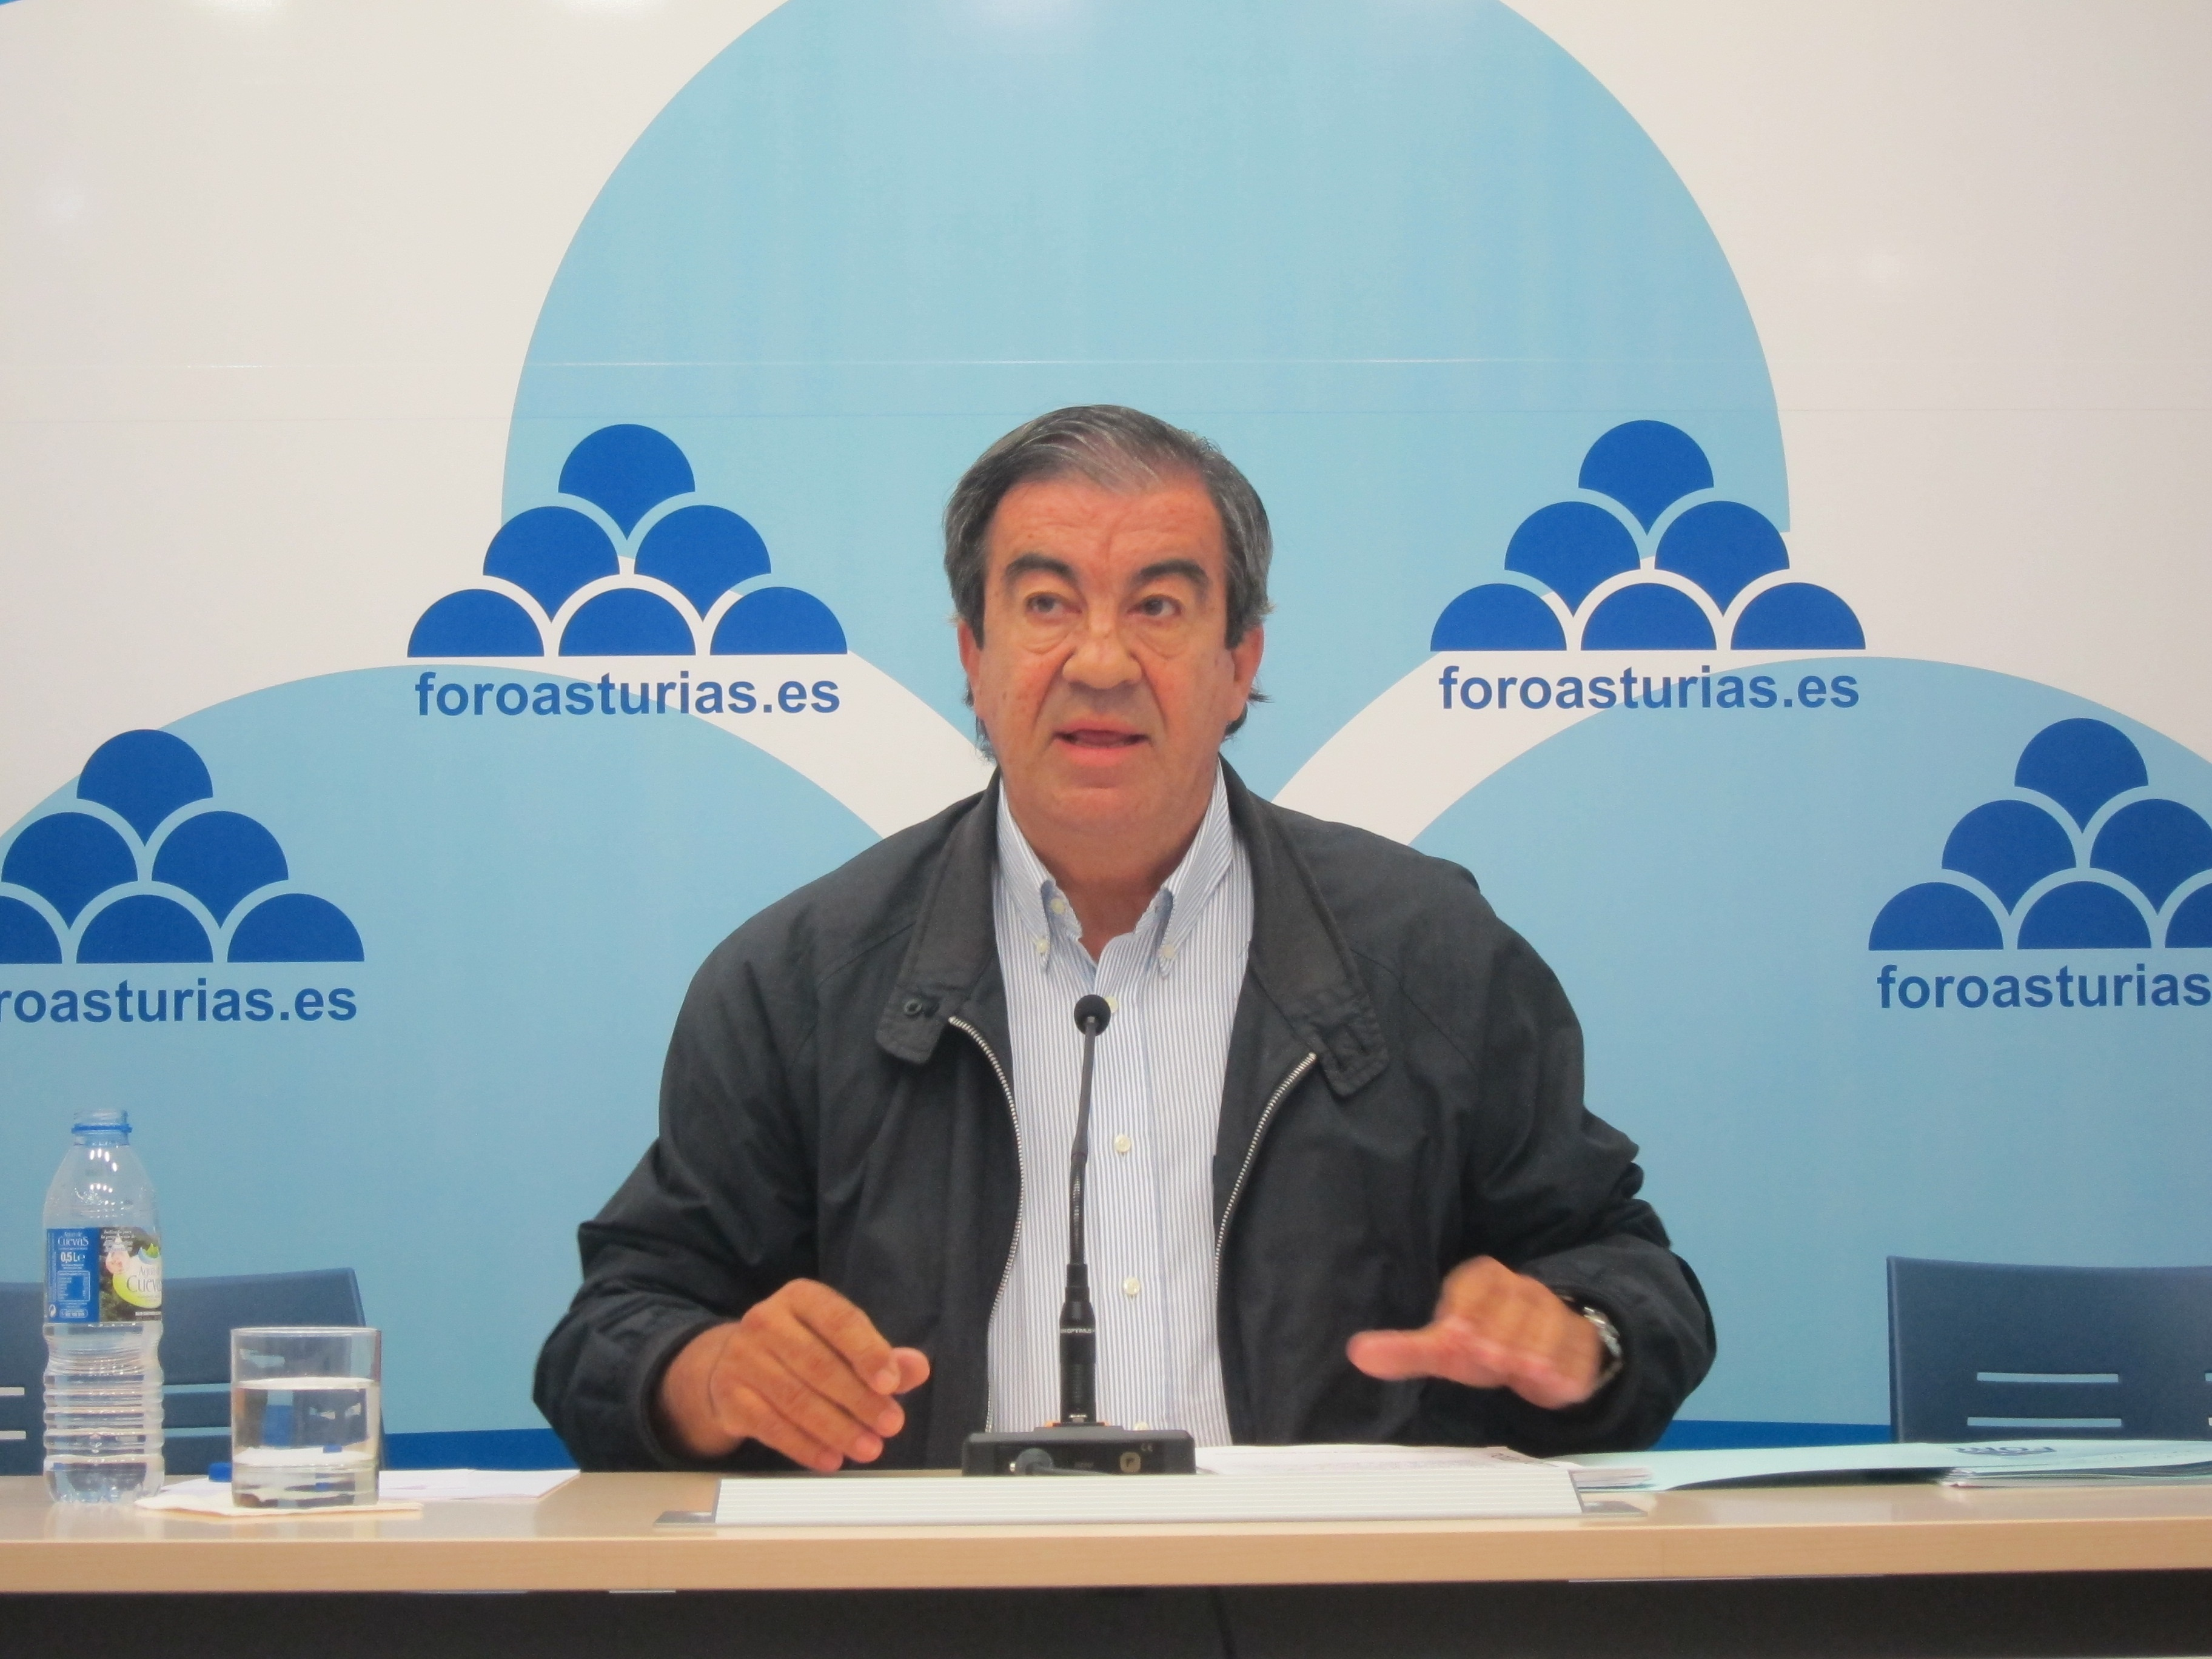 Cascos advierte de que el problema de Gibraltar viene por la debilidad de la política europea del Gobierno de Rajoy